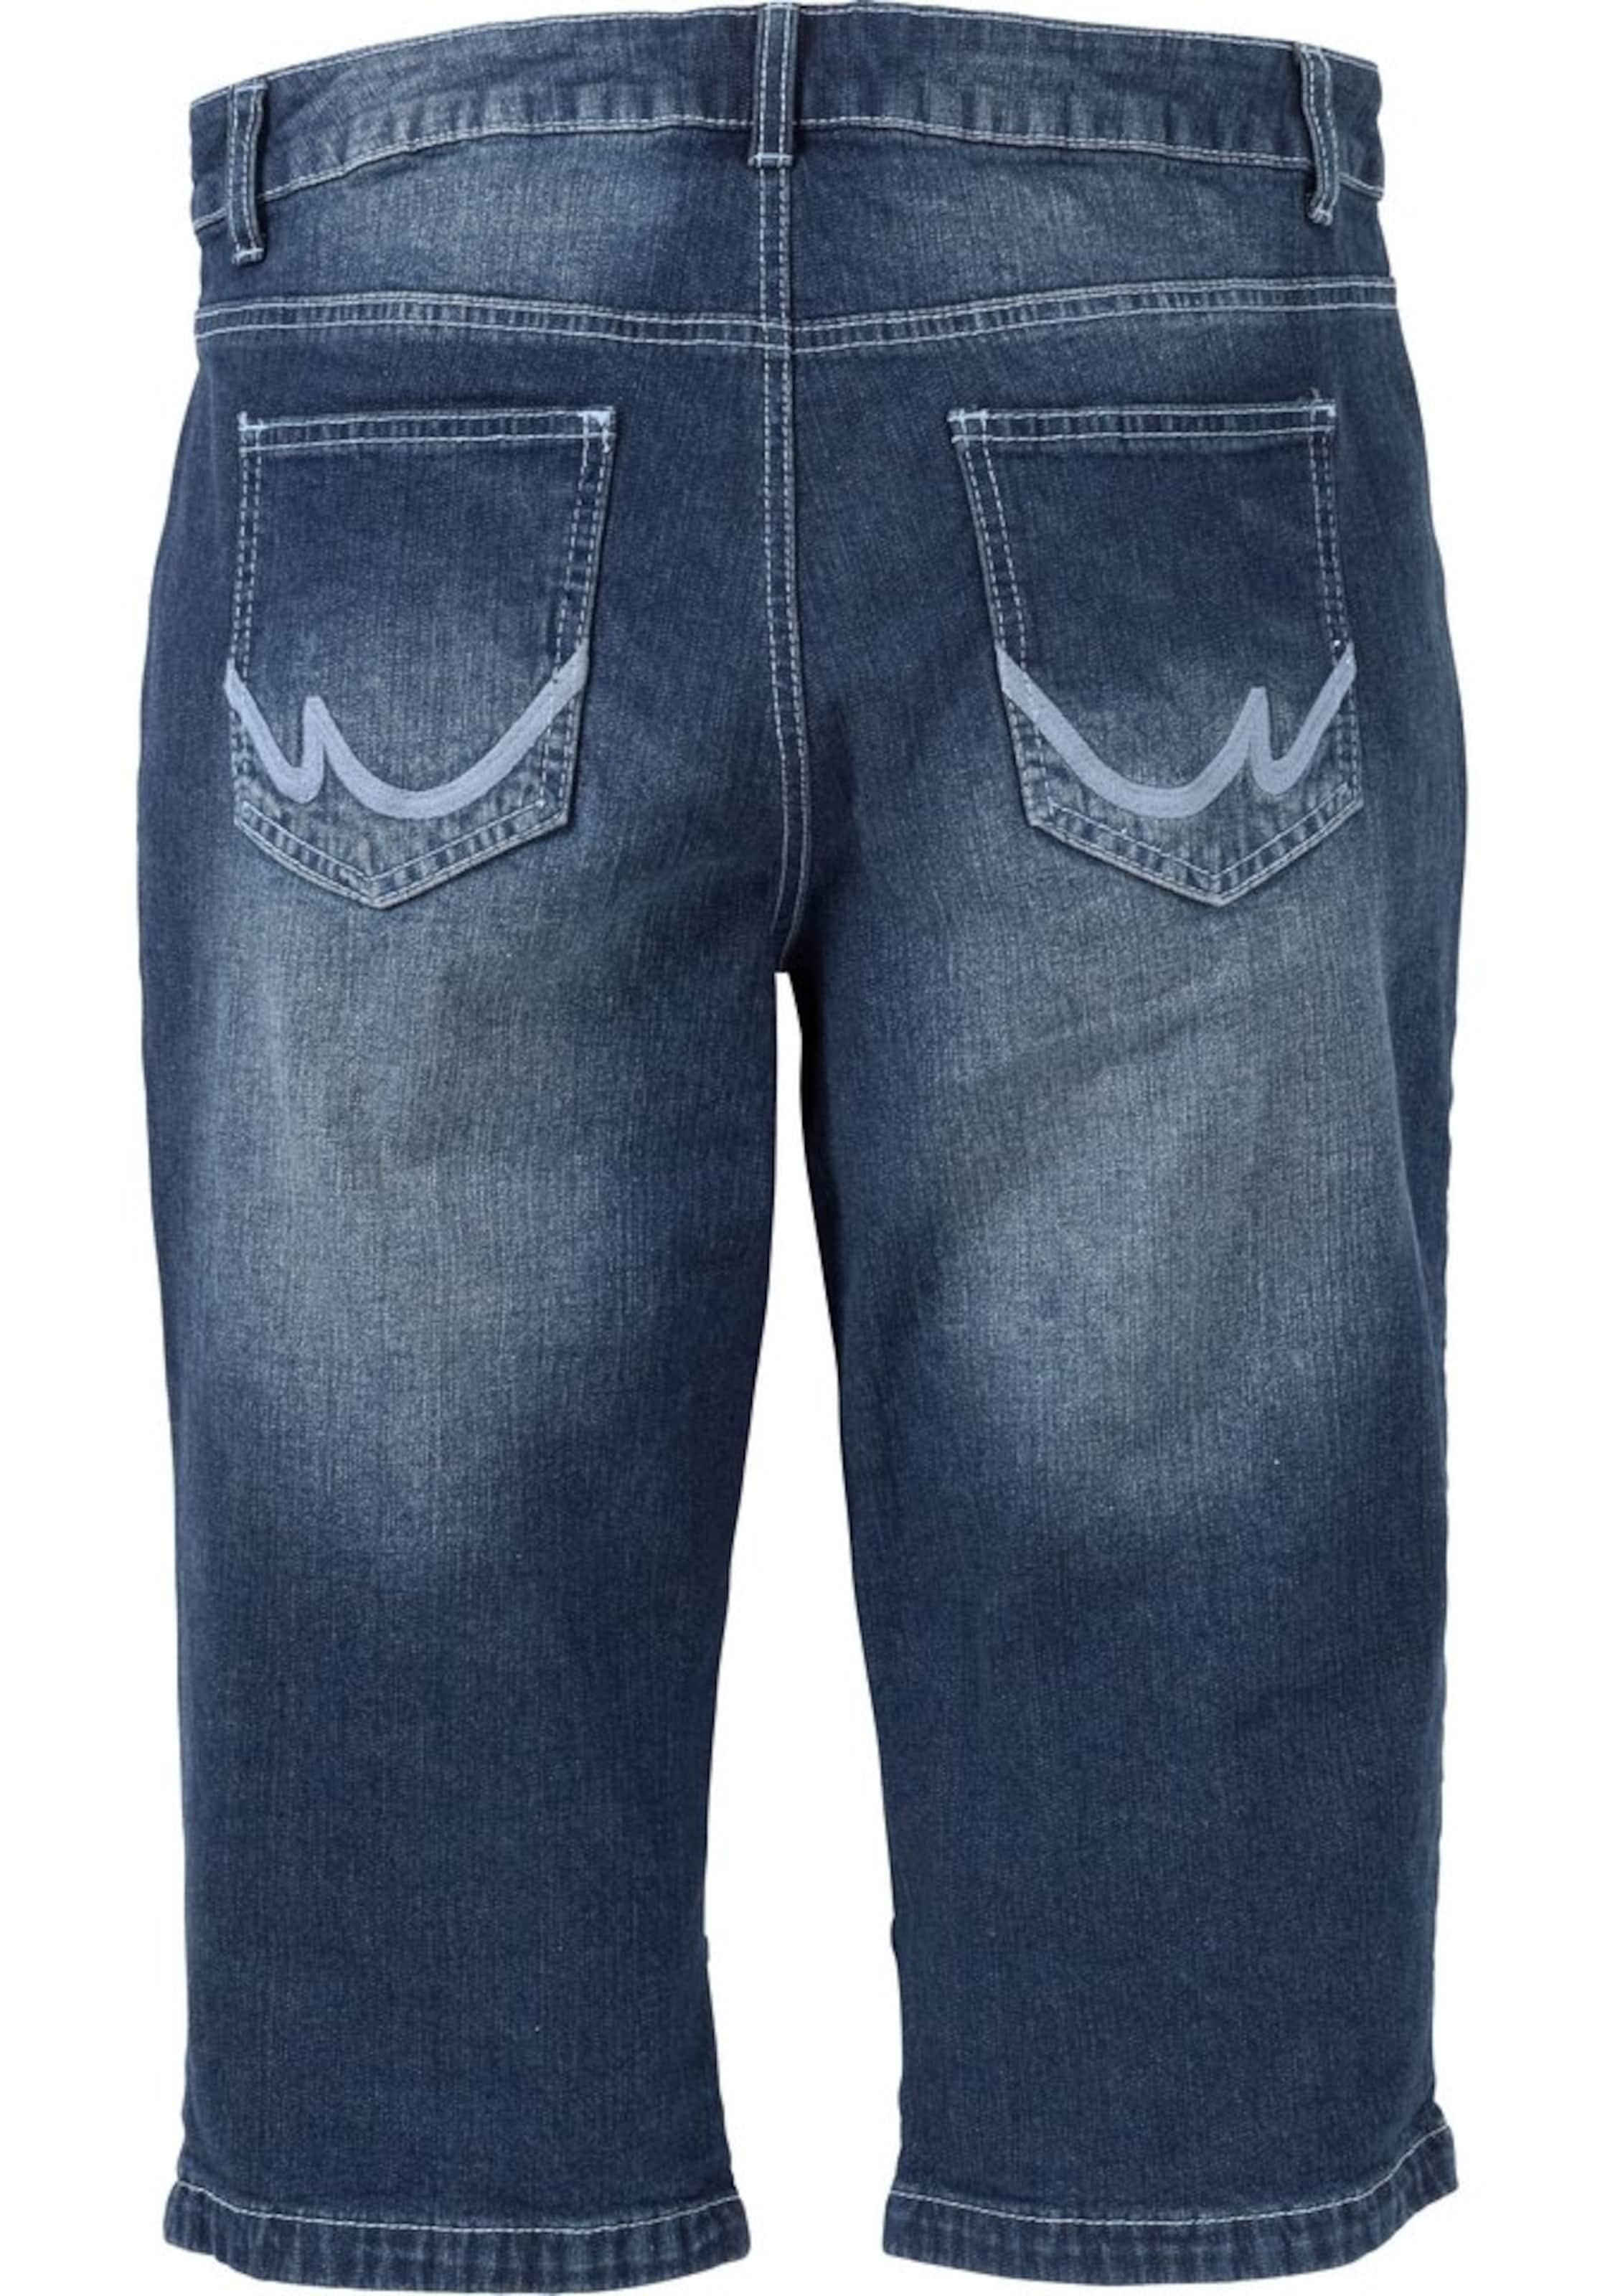 Jeans Blue Sheego In Sheego Denim Denim N0wOvmn8